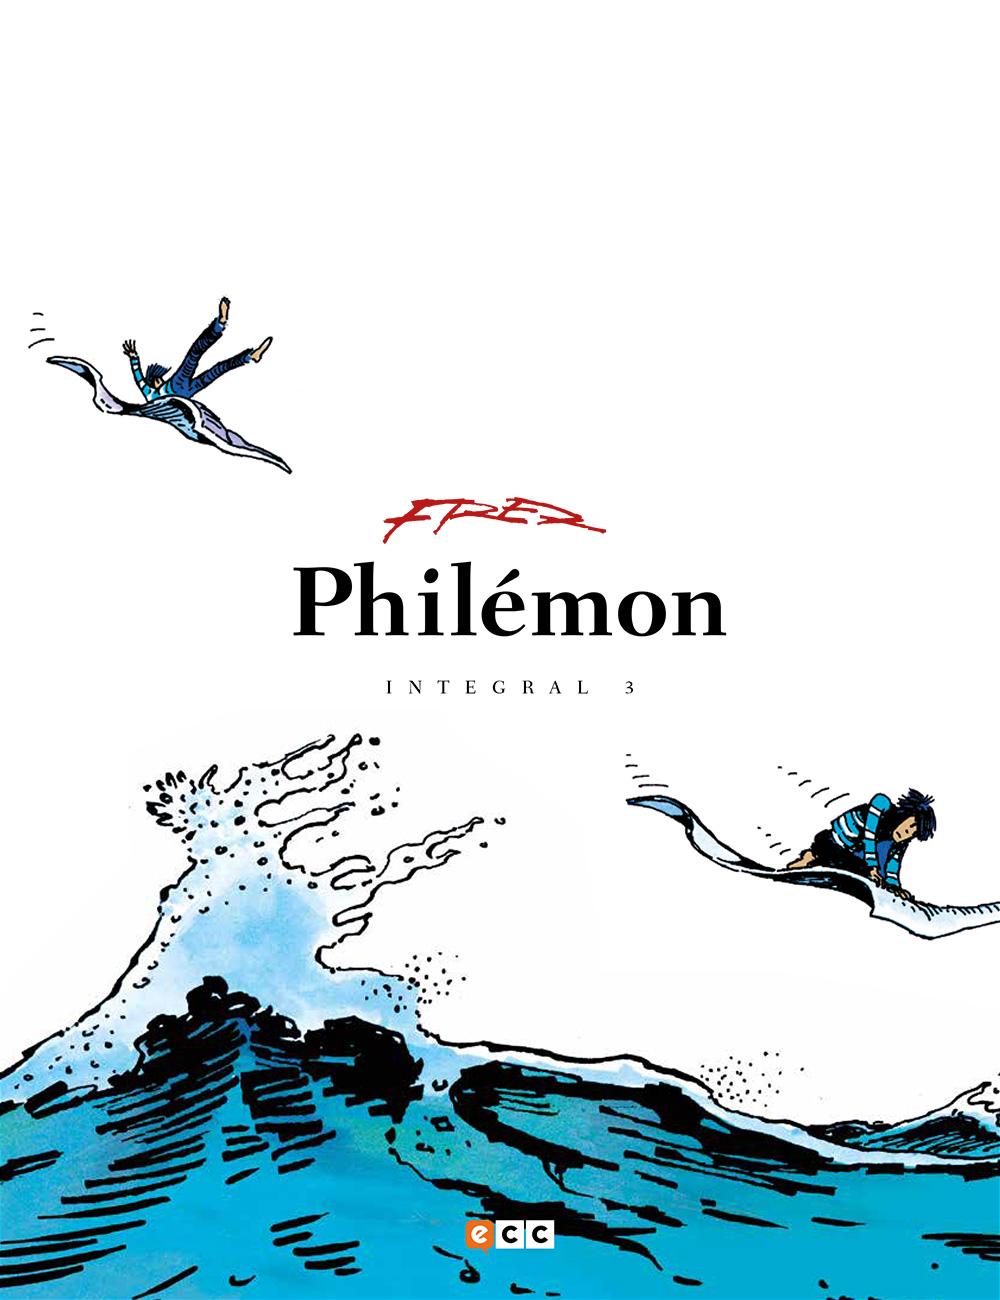 philemon_3_r1